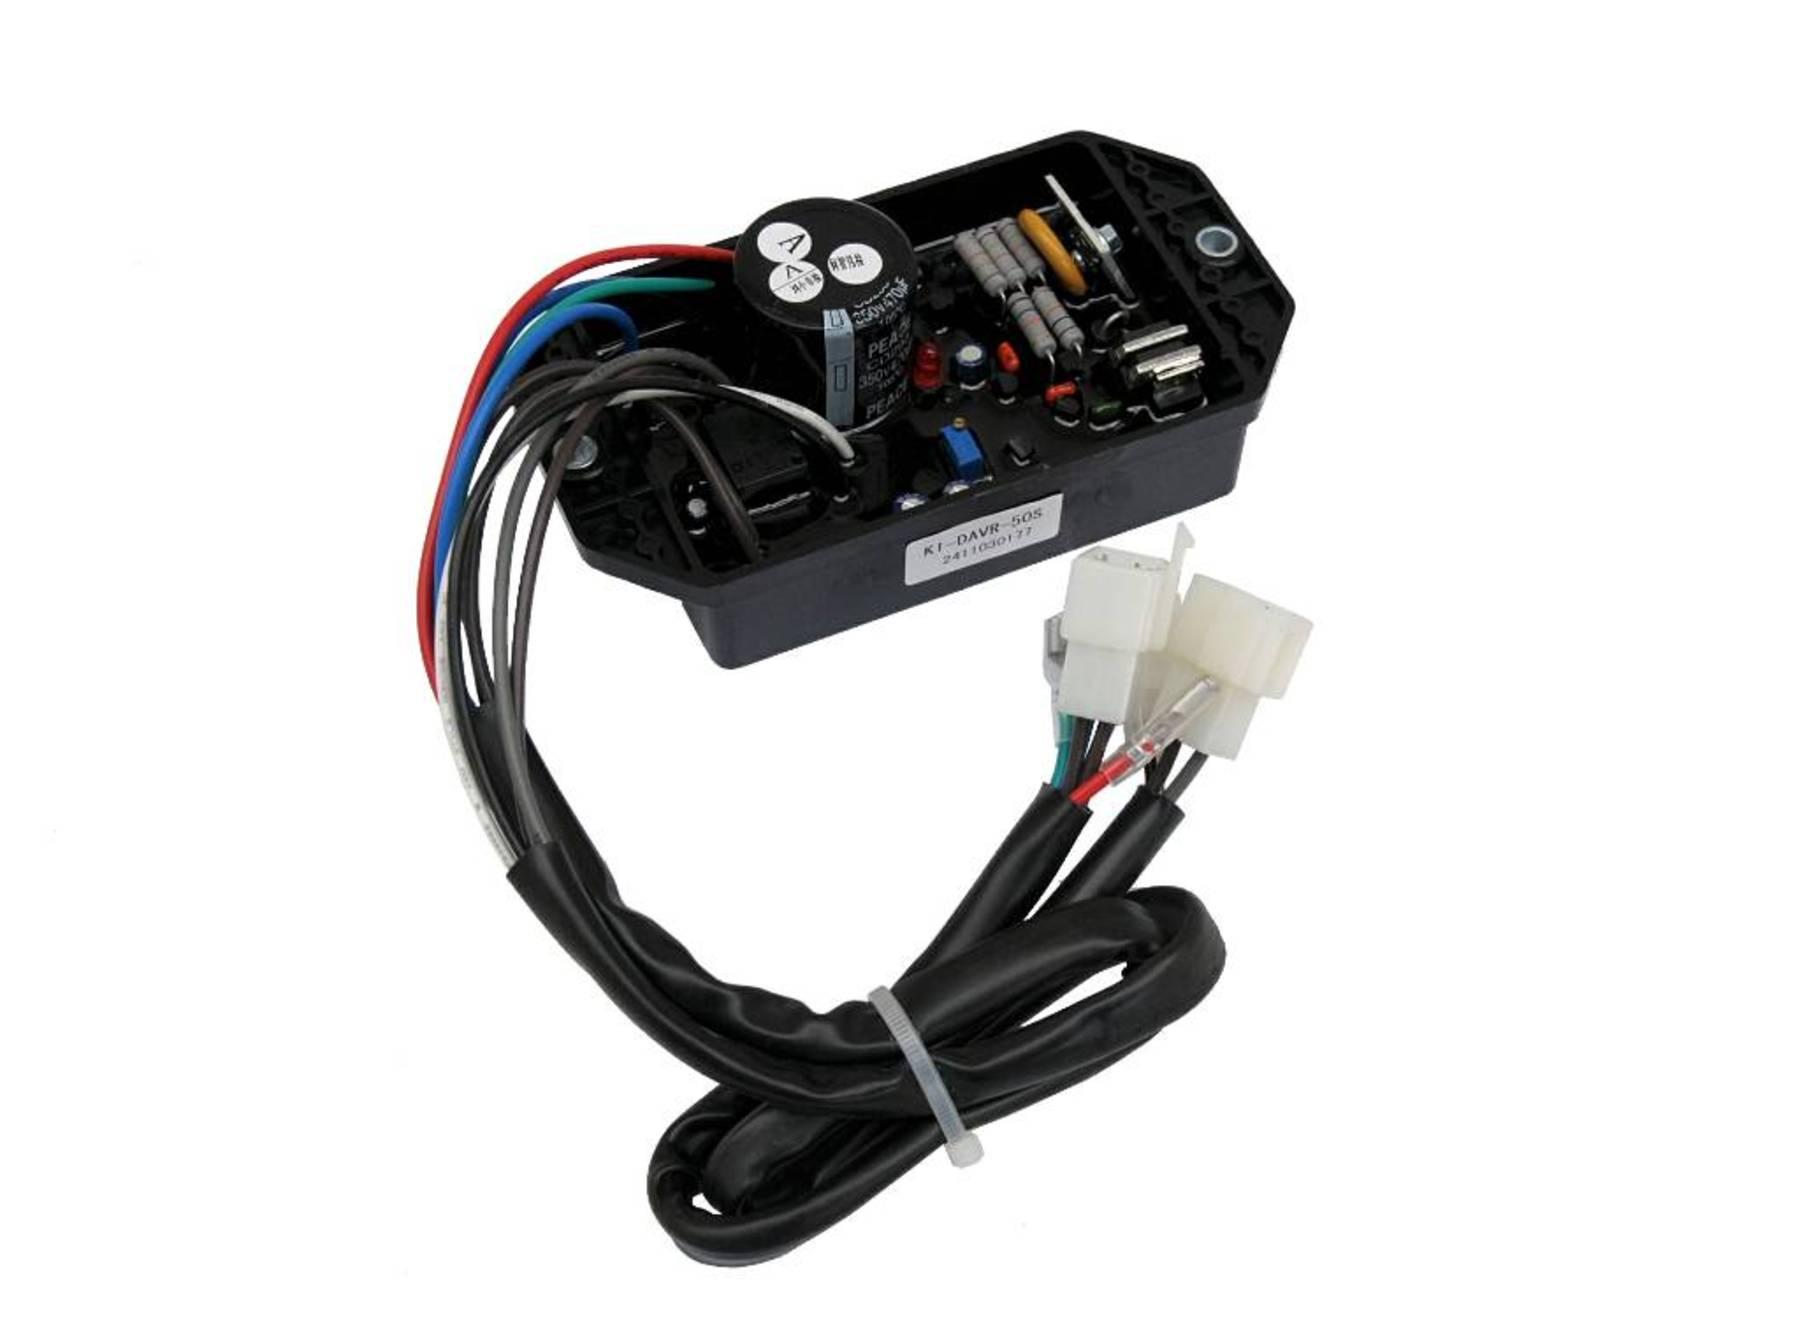 24 volt trolling motor wiring harness minn kota 36 volt